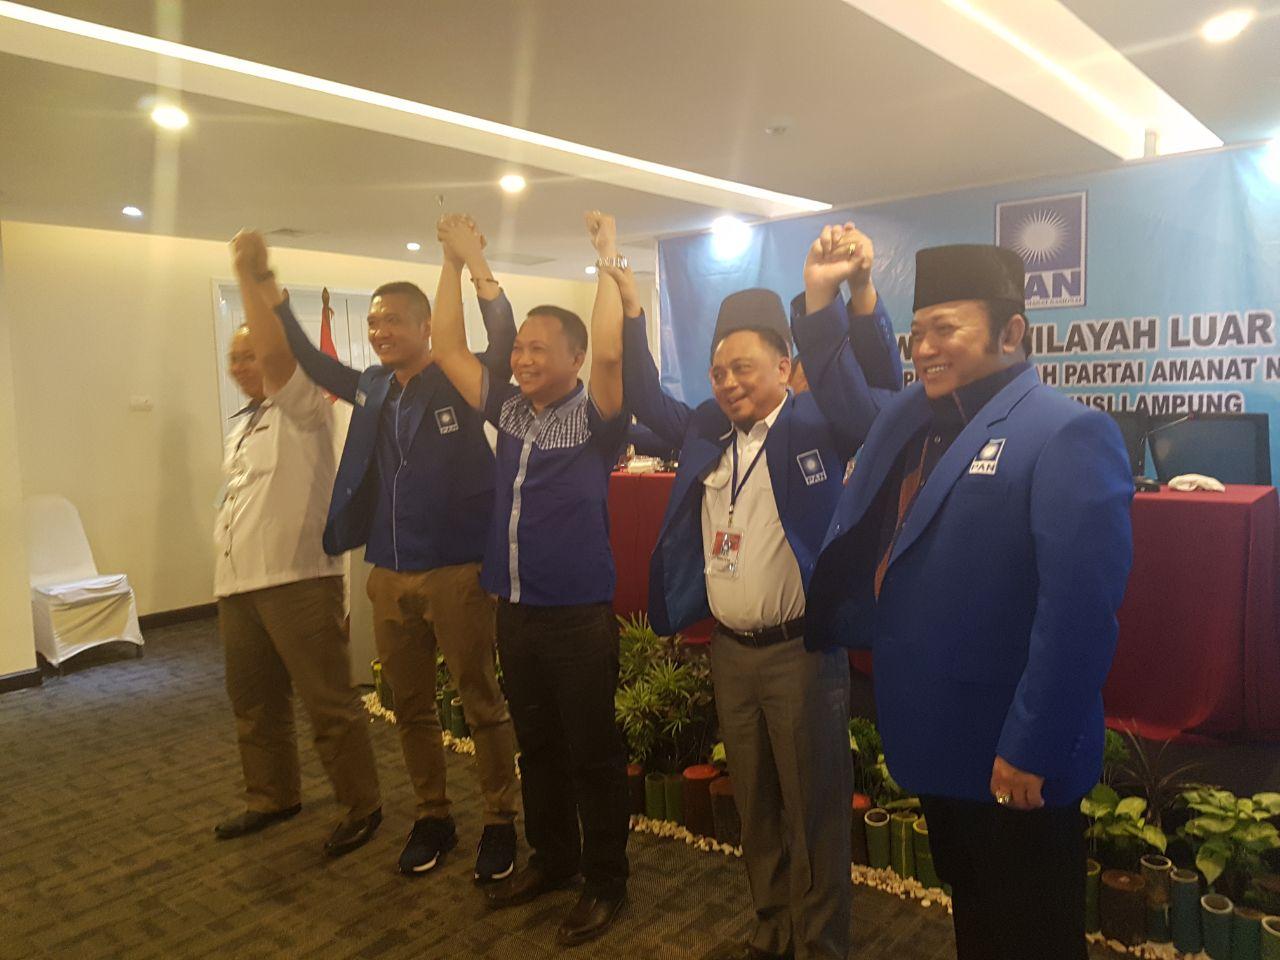 LAMPUNG POST | Zainudin Hasan Jadi Ketua PAN Lampung, Gantikan Bachtiar Basri